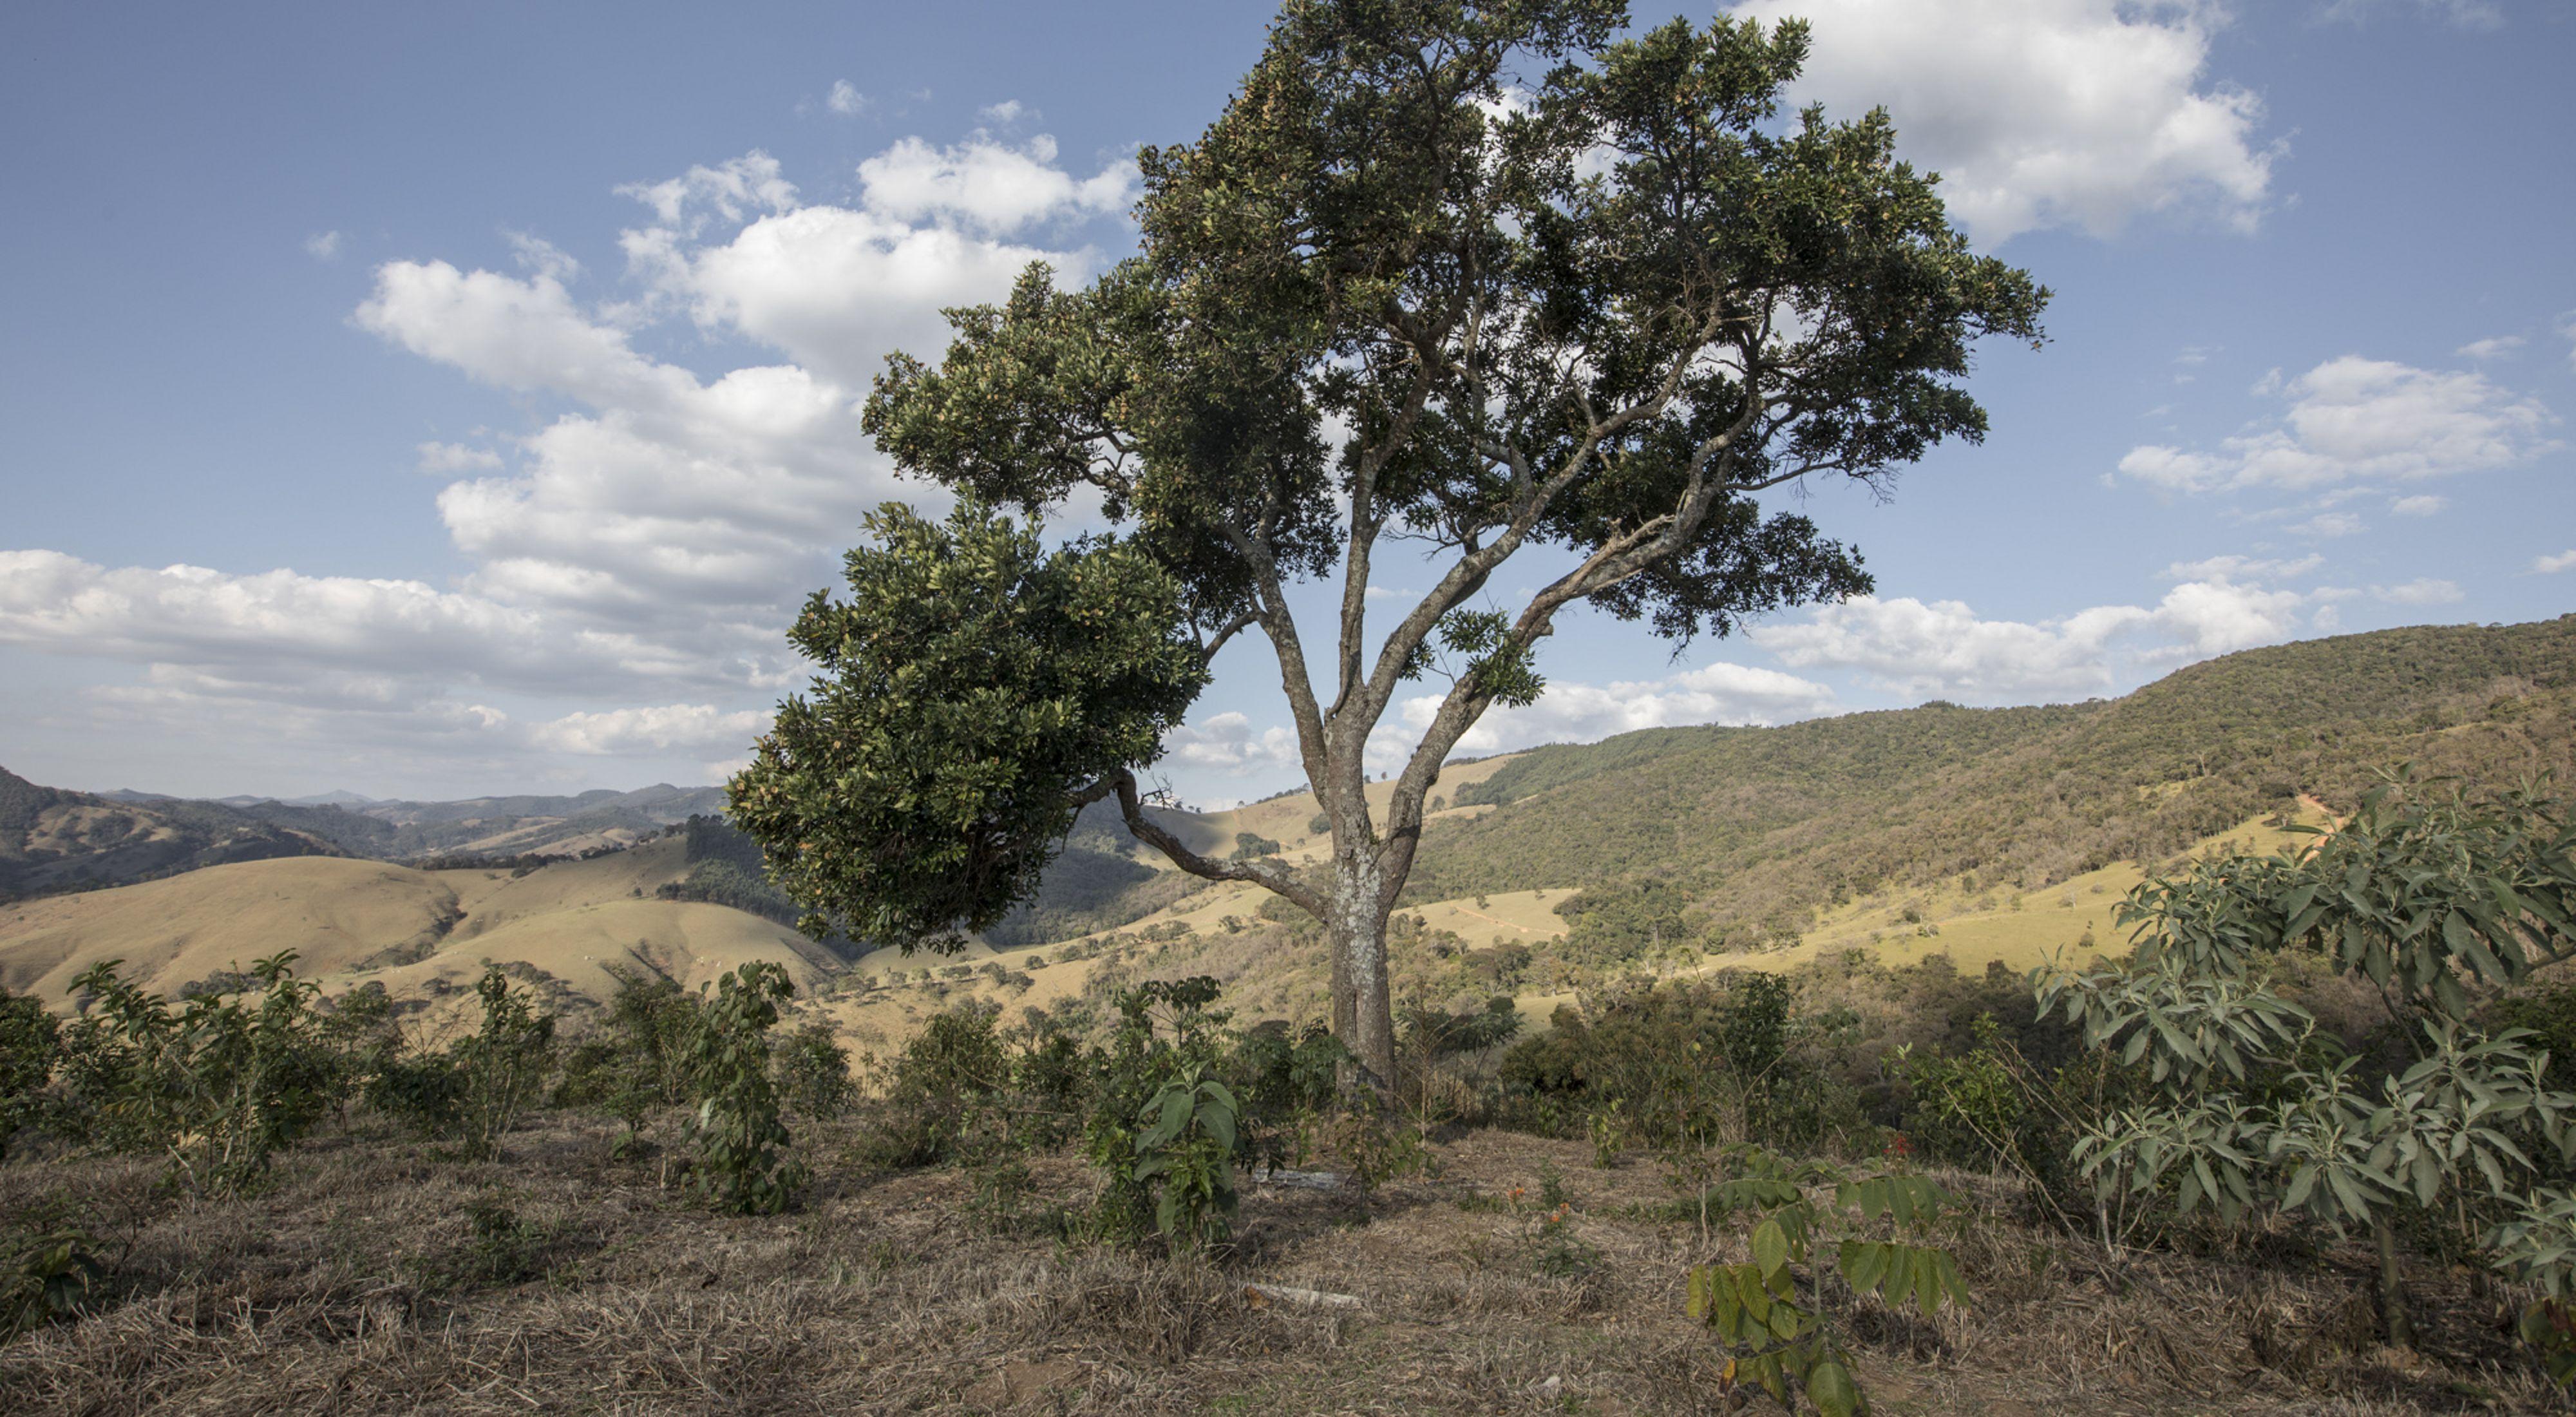 Área restaurada em Extrema-MG após um ano de plantio. Anteriormente a árvore de grande porte estava solitária em meio a um antigo pasto degradado.